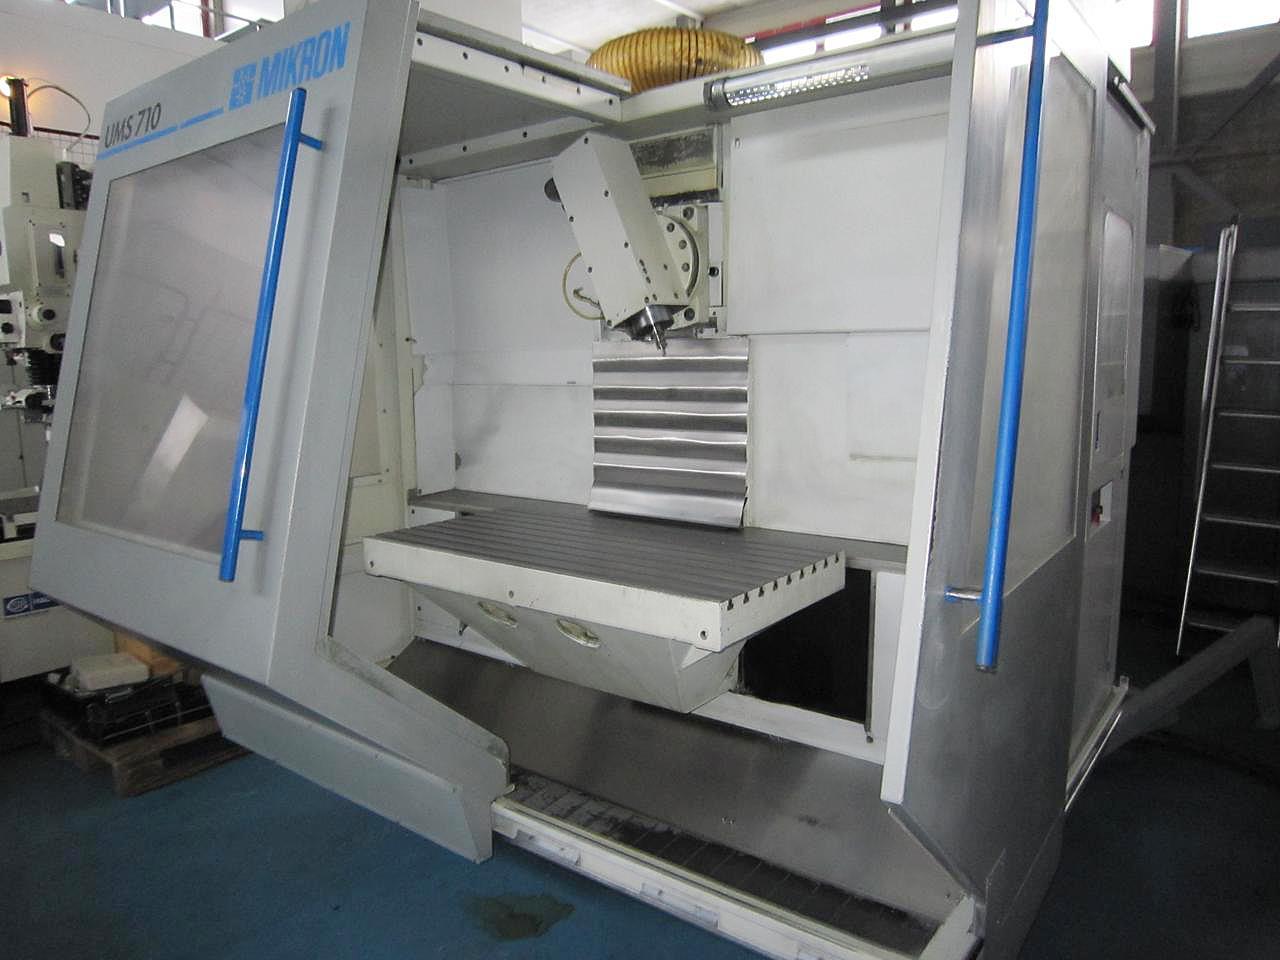 MIKRON UMS 710二手数控铣床进口代理手续哪儿办